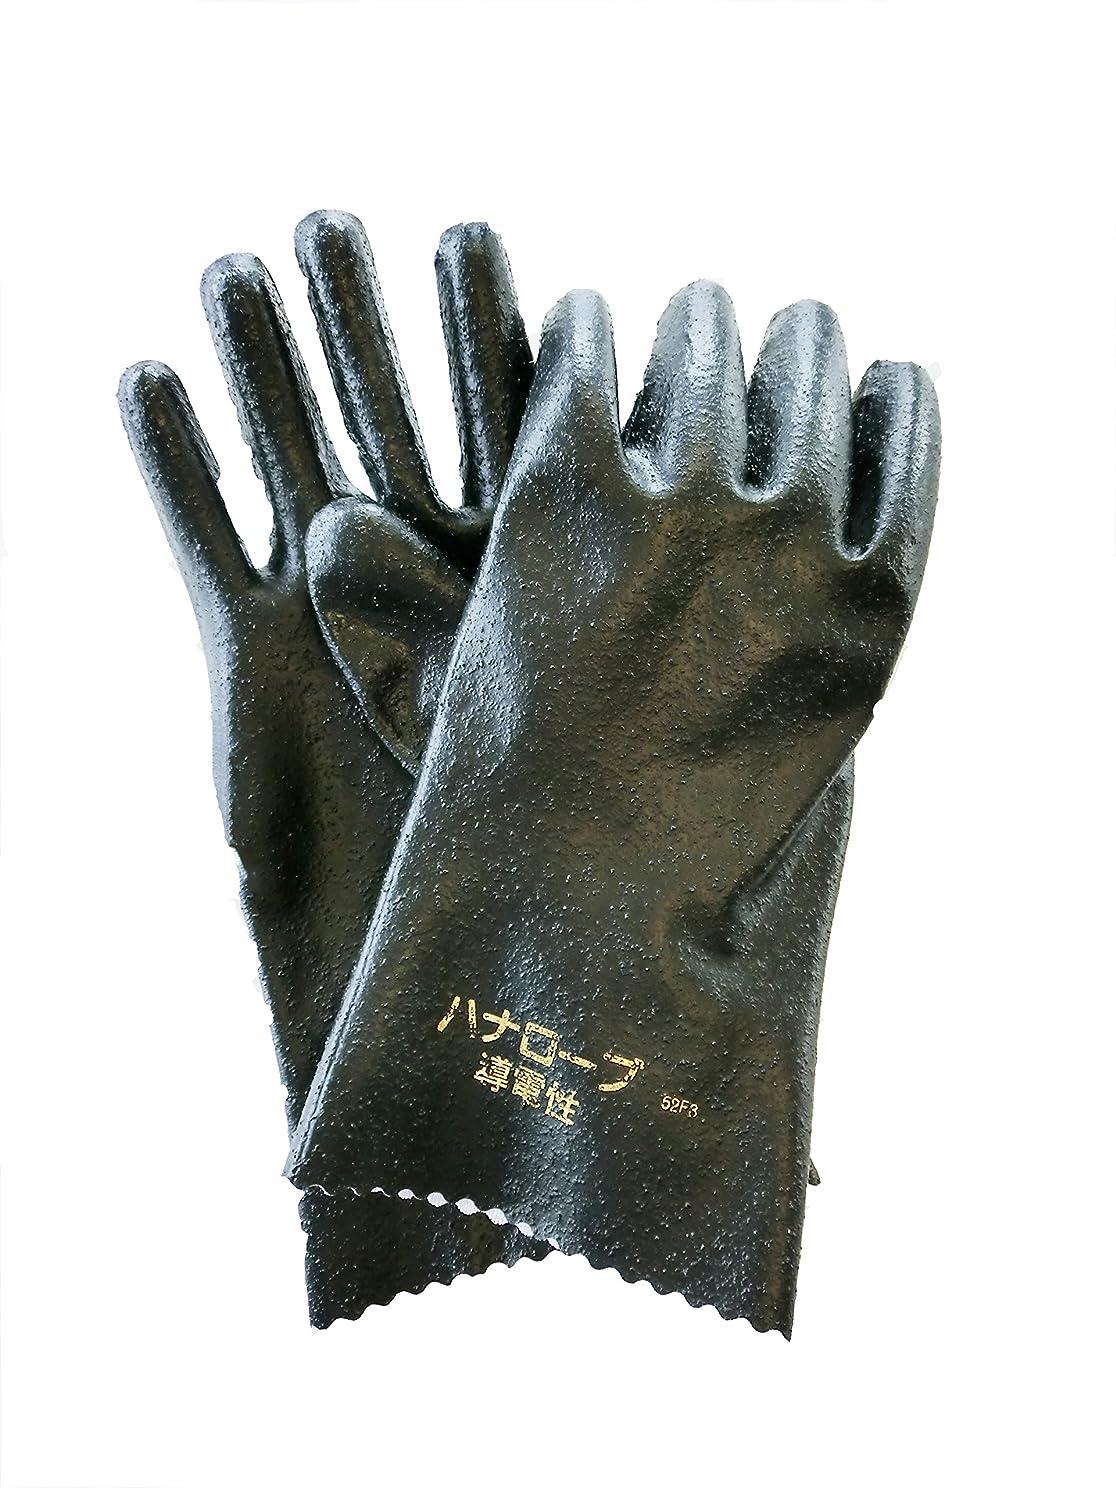 恐ろしい解放する爵ハナキゴム 静電気用手袋ハナローブ No.846S 1双